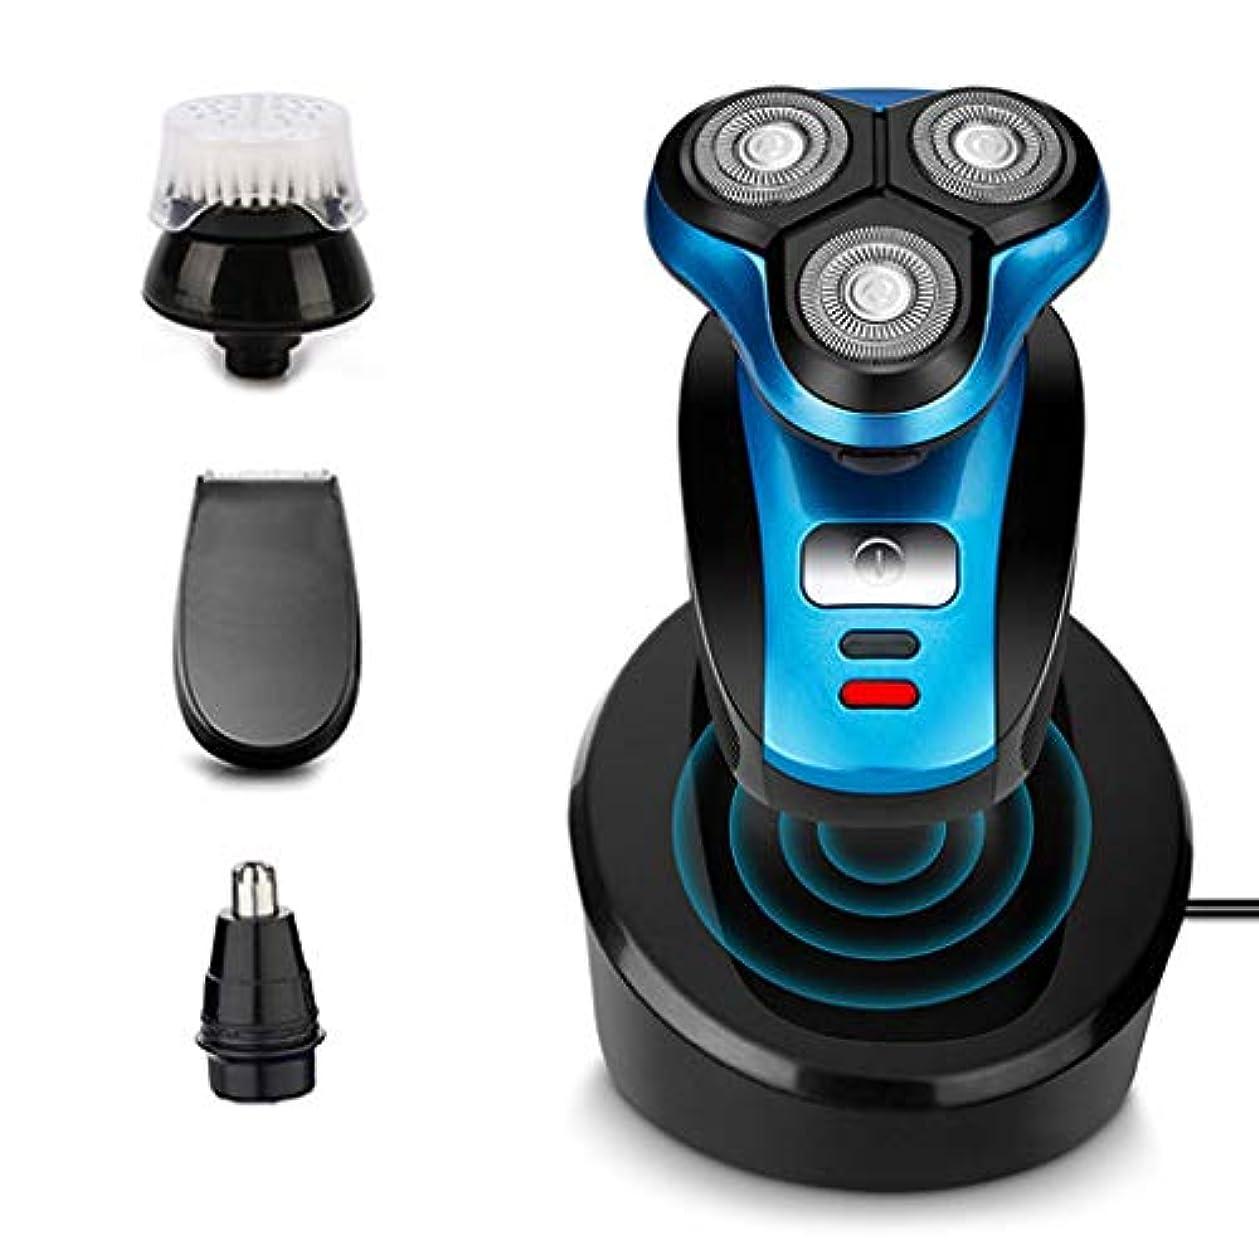 無人政権伝説YHSUNN USBワイヤレス充電電気シェーバー男性用フローティング3ブレードヘッド電気シェービングマシン充電式かみそりフェイスケアツール